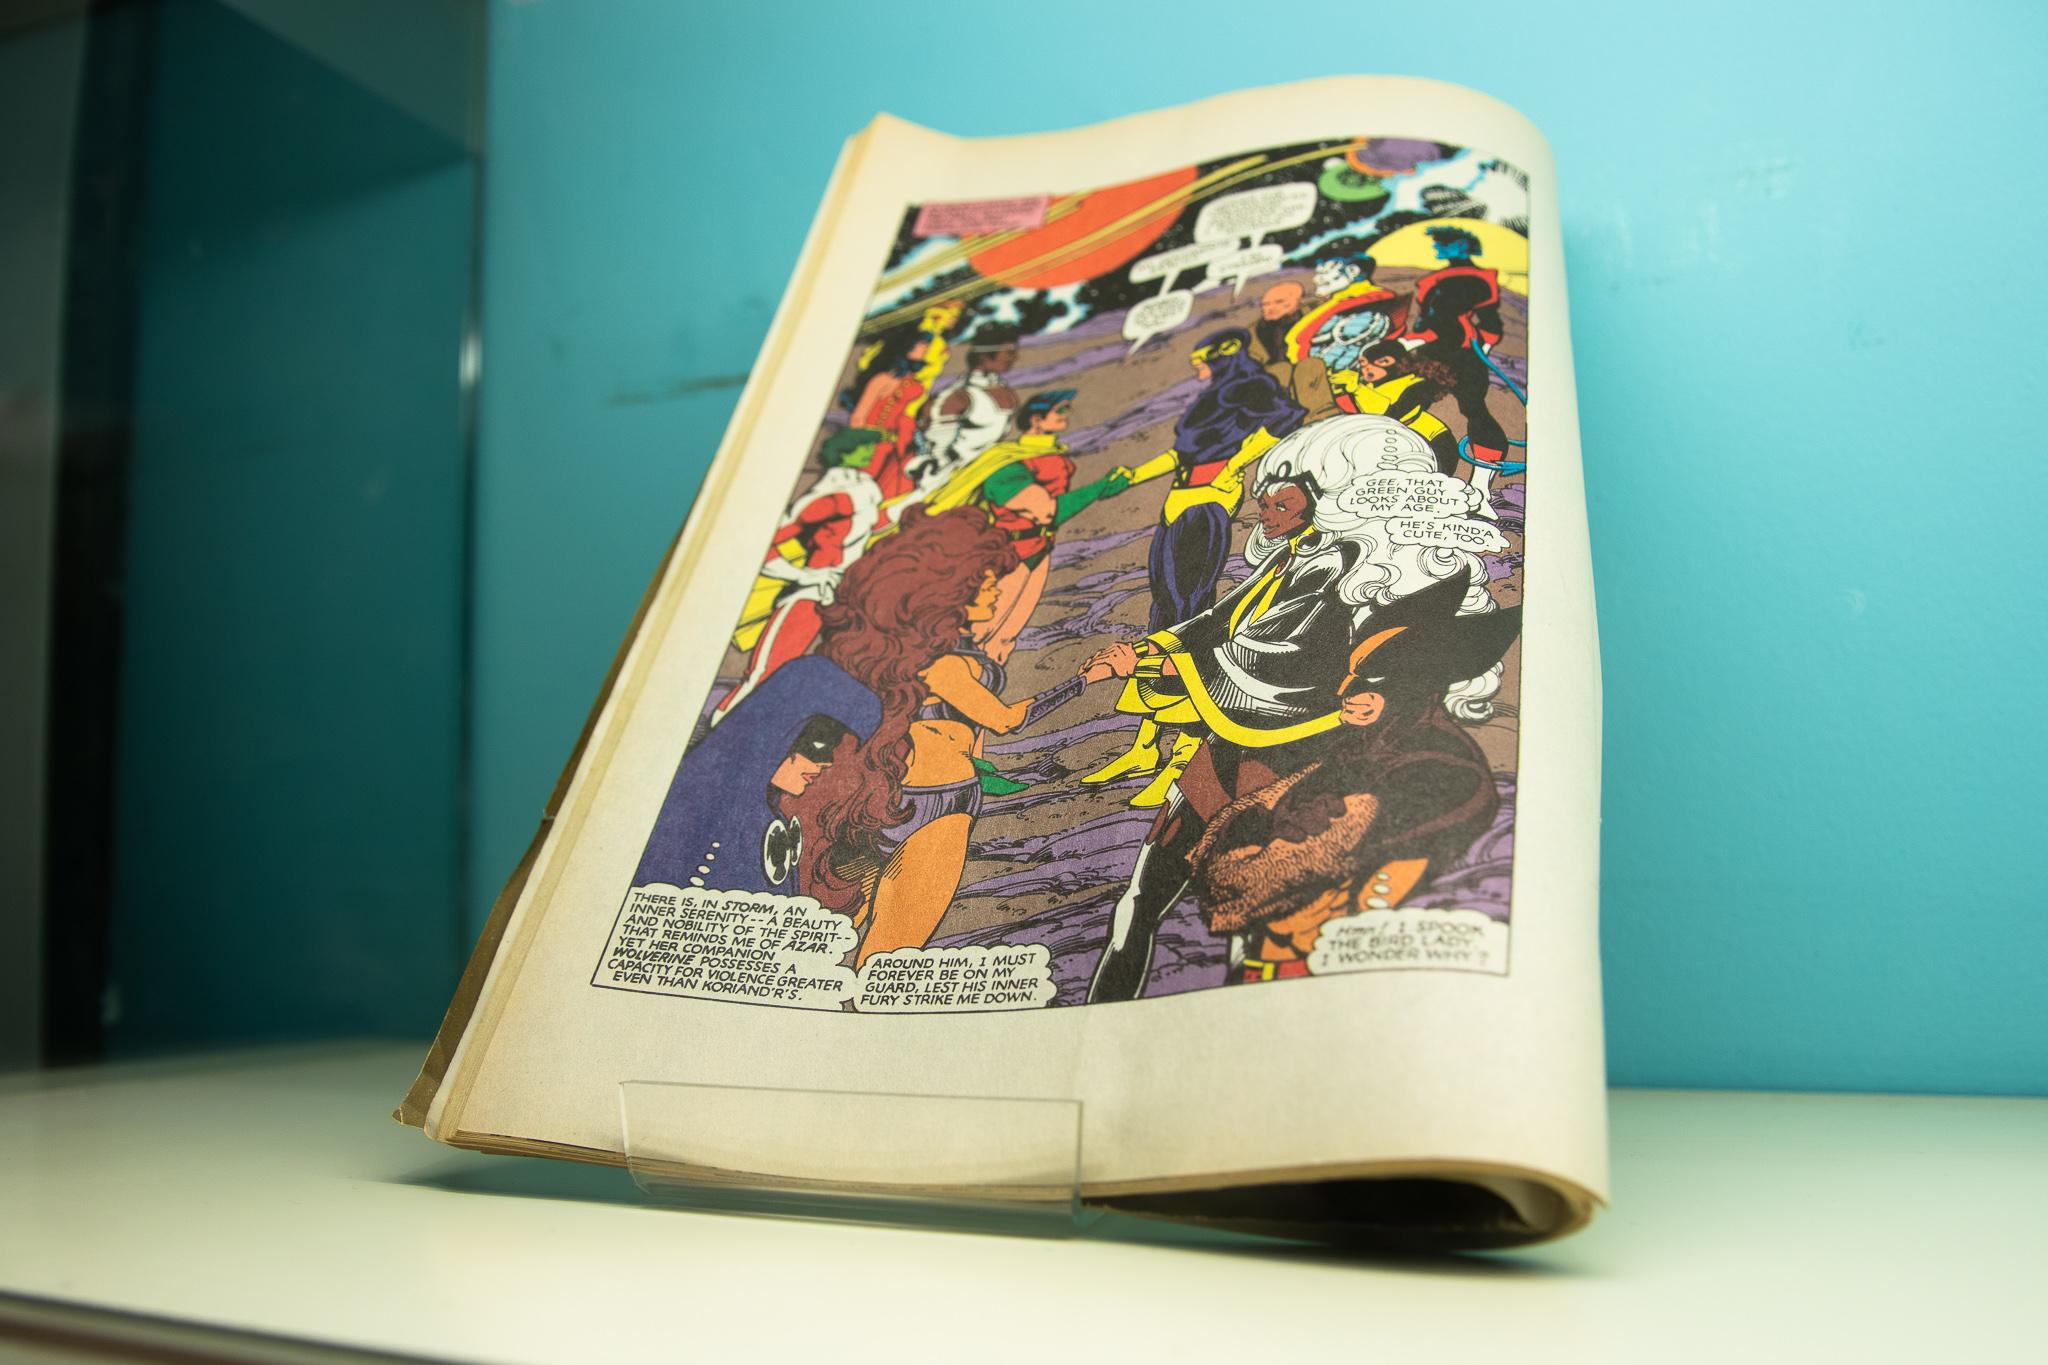 close up of colourful magazine image